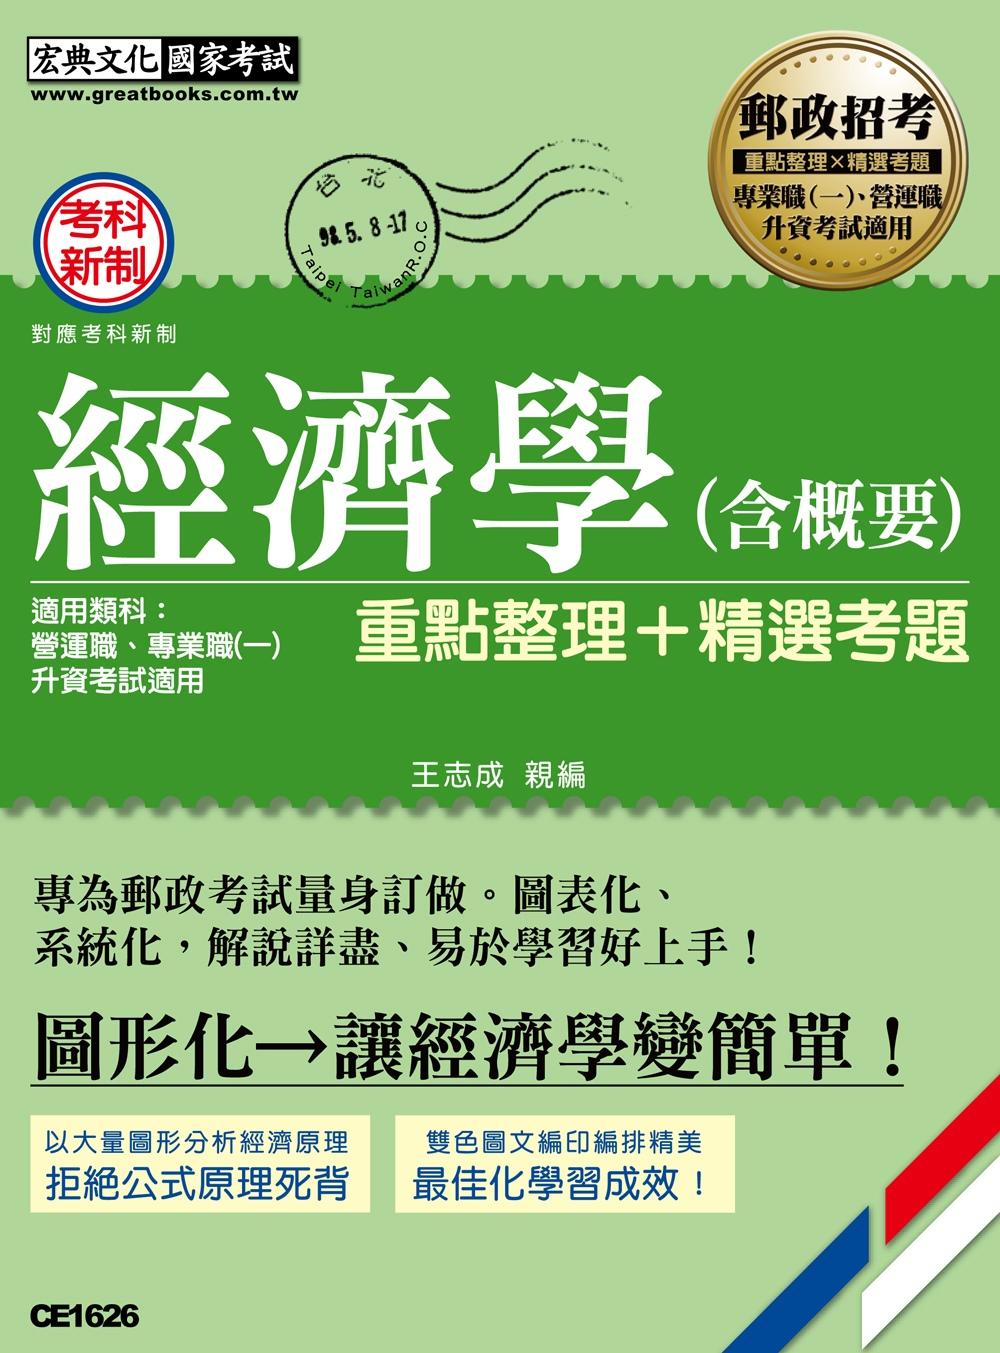 【郵政招考新制適用】郵政經濟學(含概要):專業職(一)、營運職適用